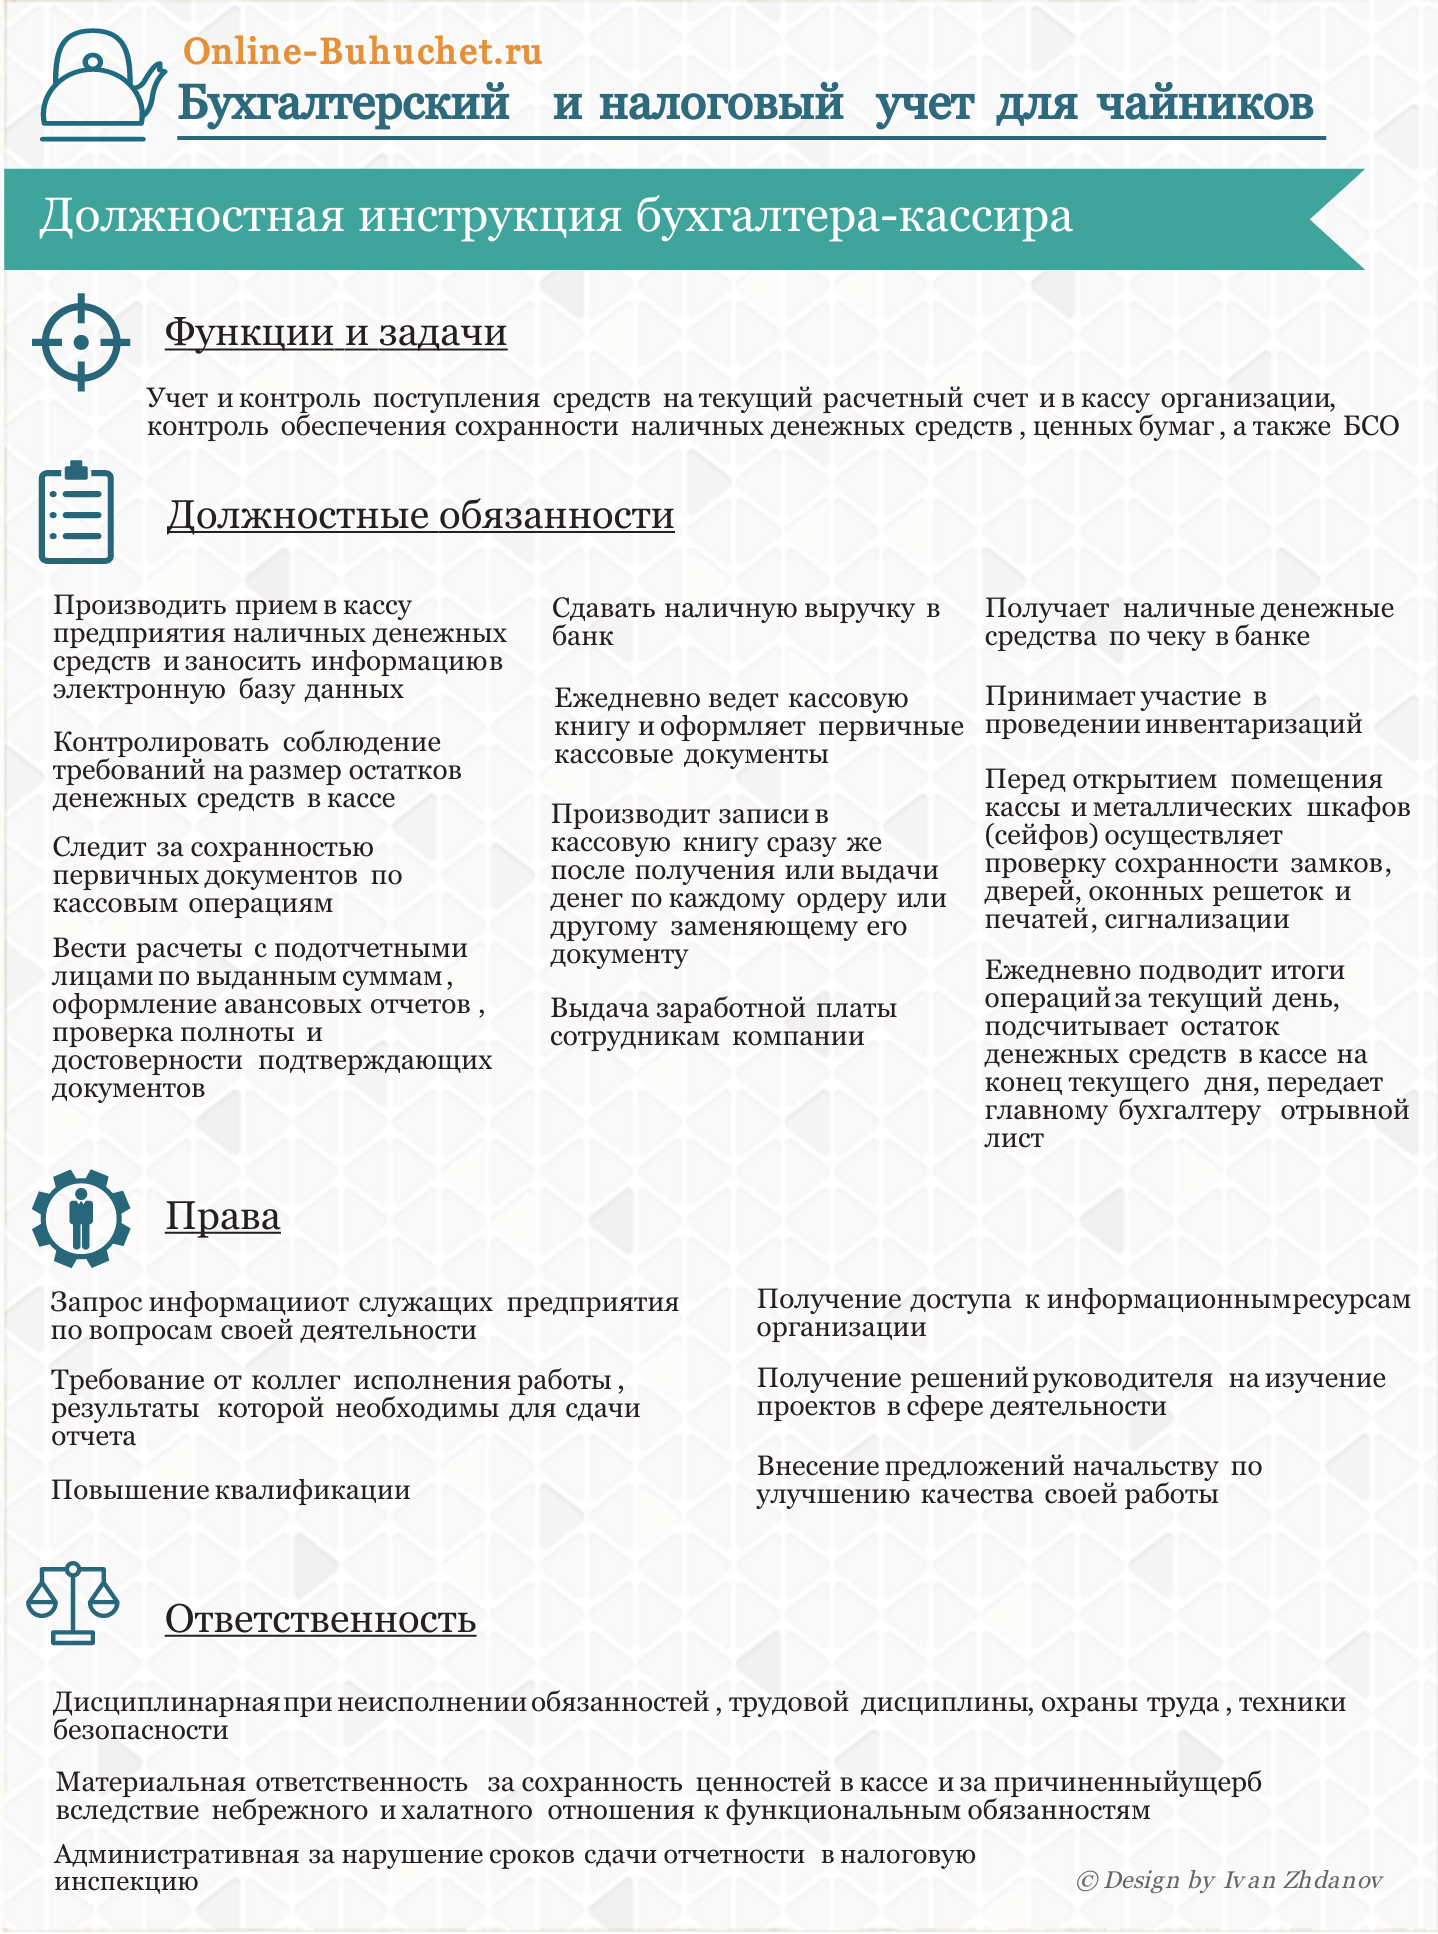 Должностная инструкция бухгалтера-кассира: образец заполнения в инфографике